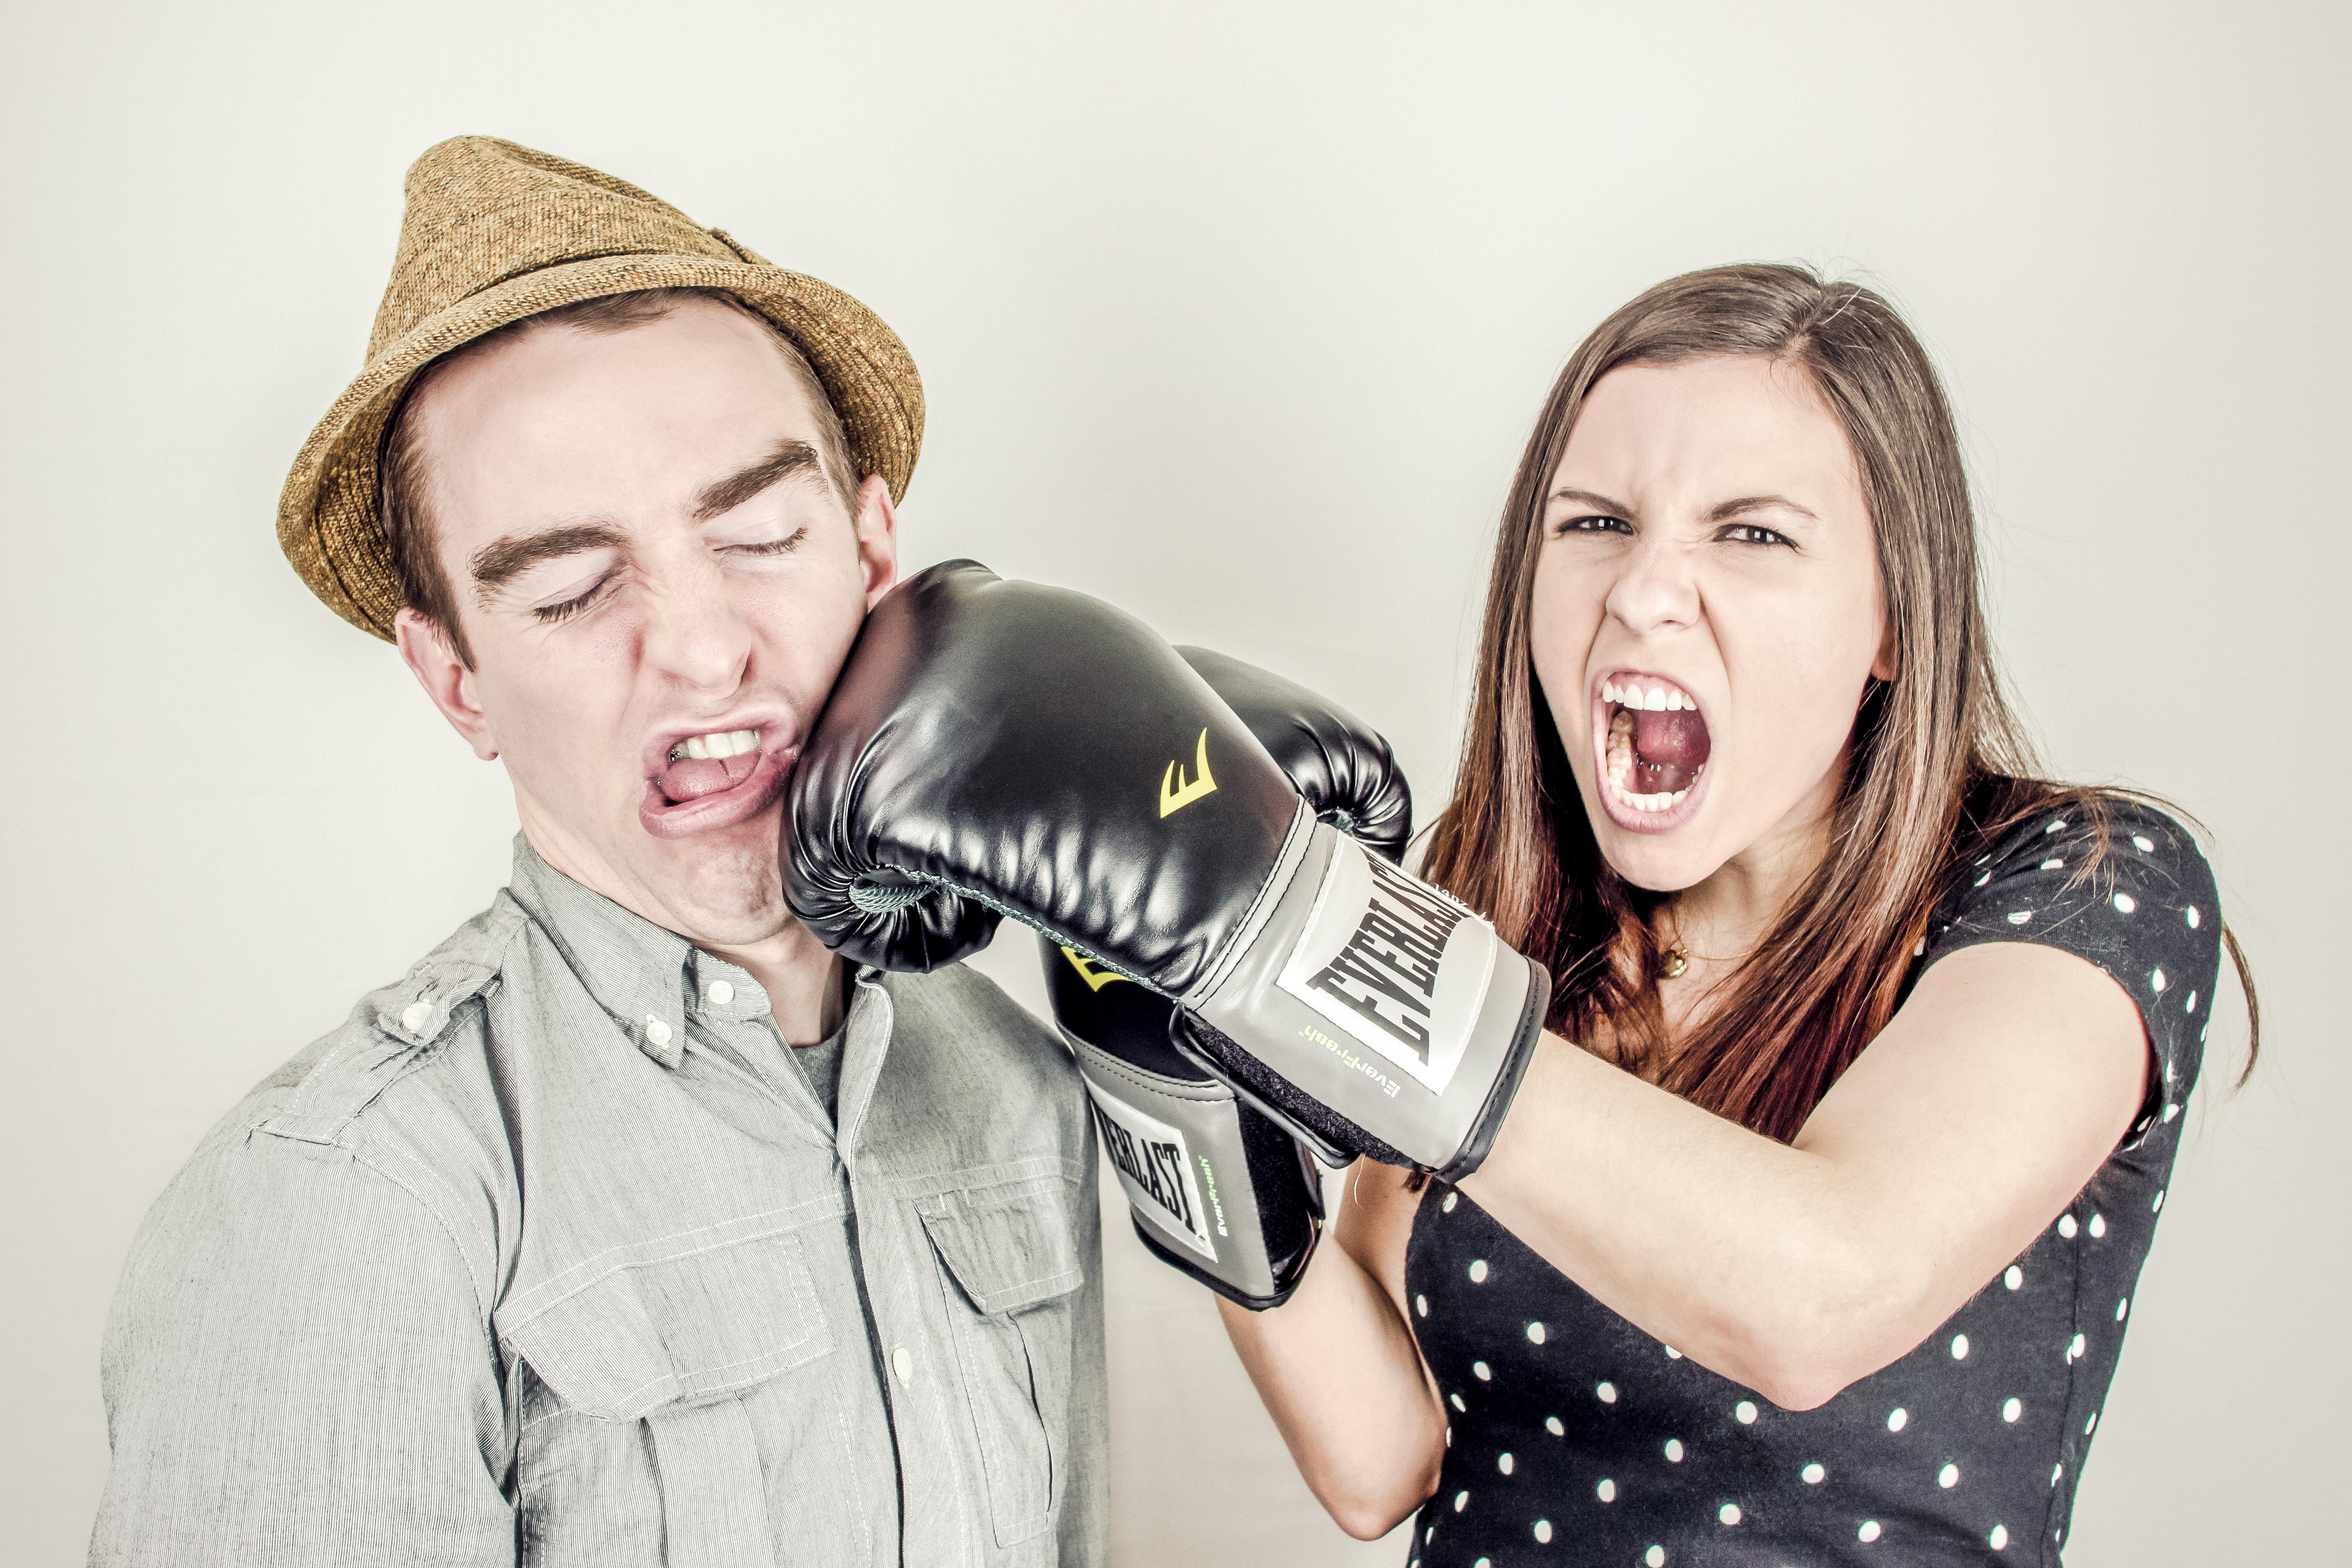 psicólogo, lucha laboral, conflicto laborall